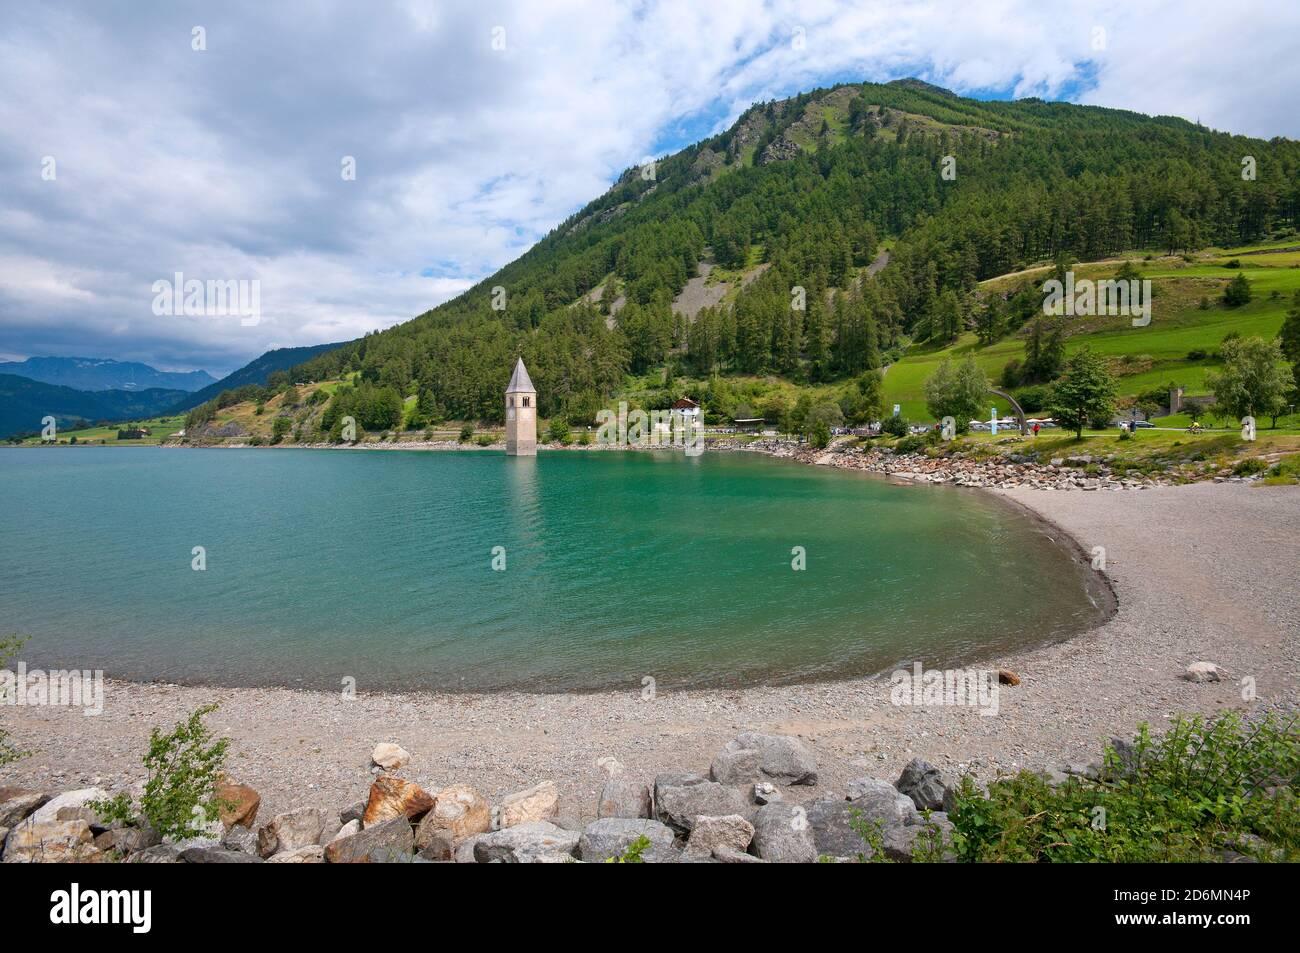 Lago Resia con su famoso campanario semi-sumergido de Curon, Valle de Venosta, Bolzano, Trentino-Alto Adige, Italia Foto de stock